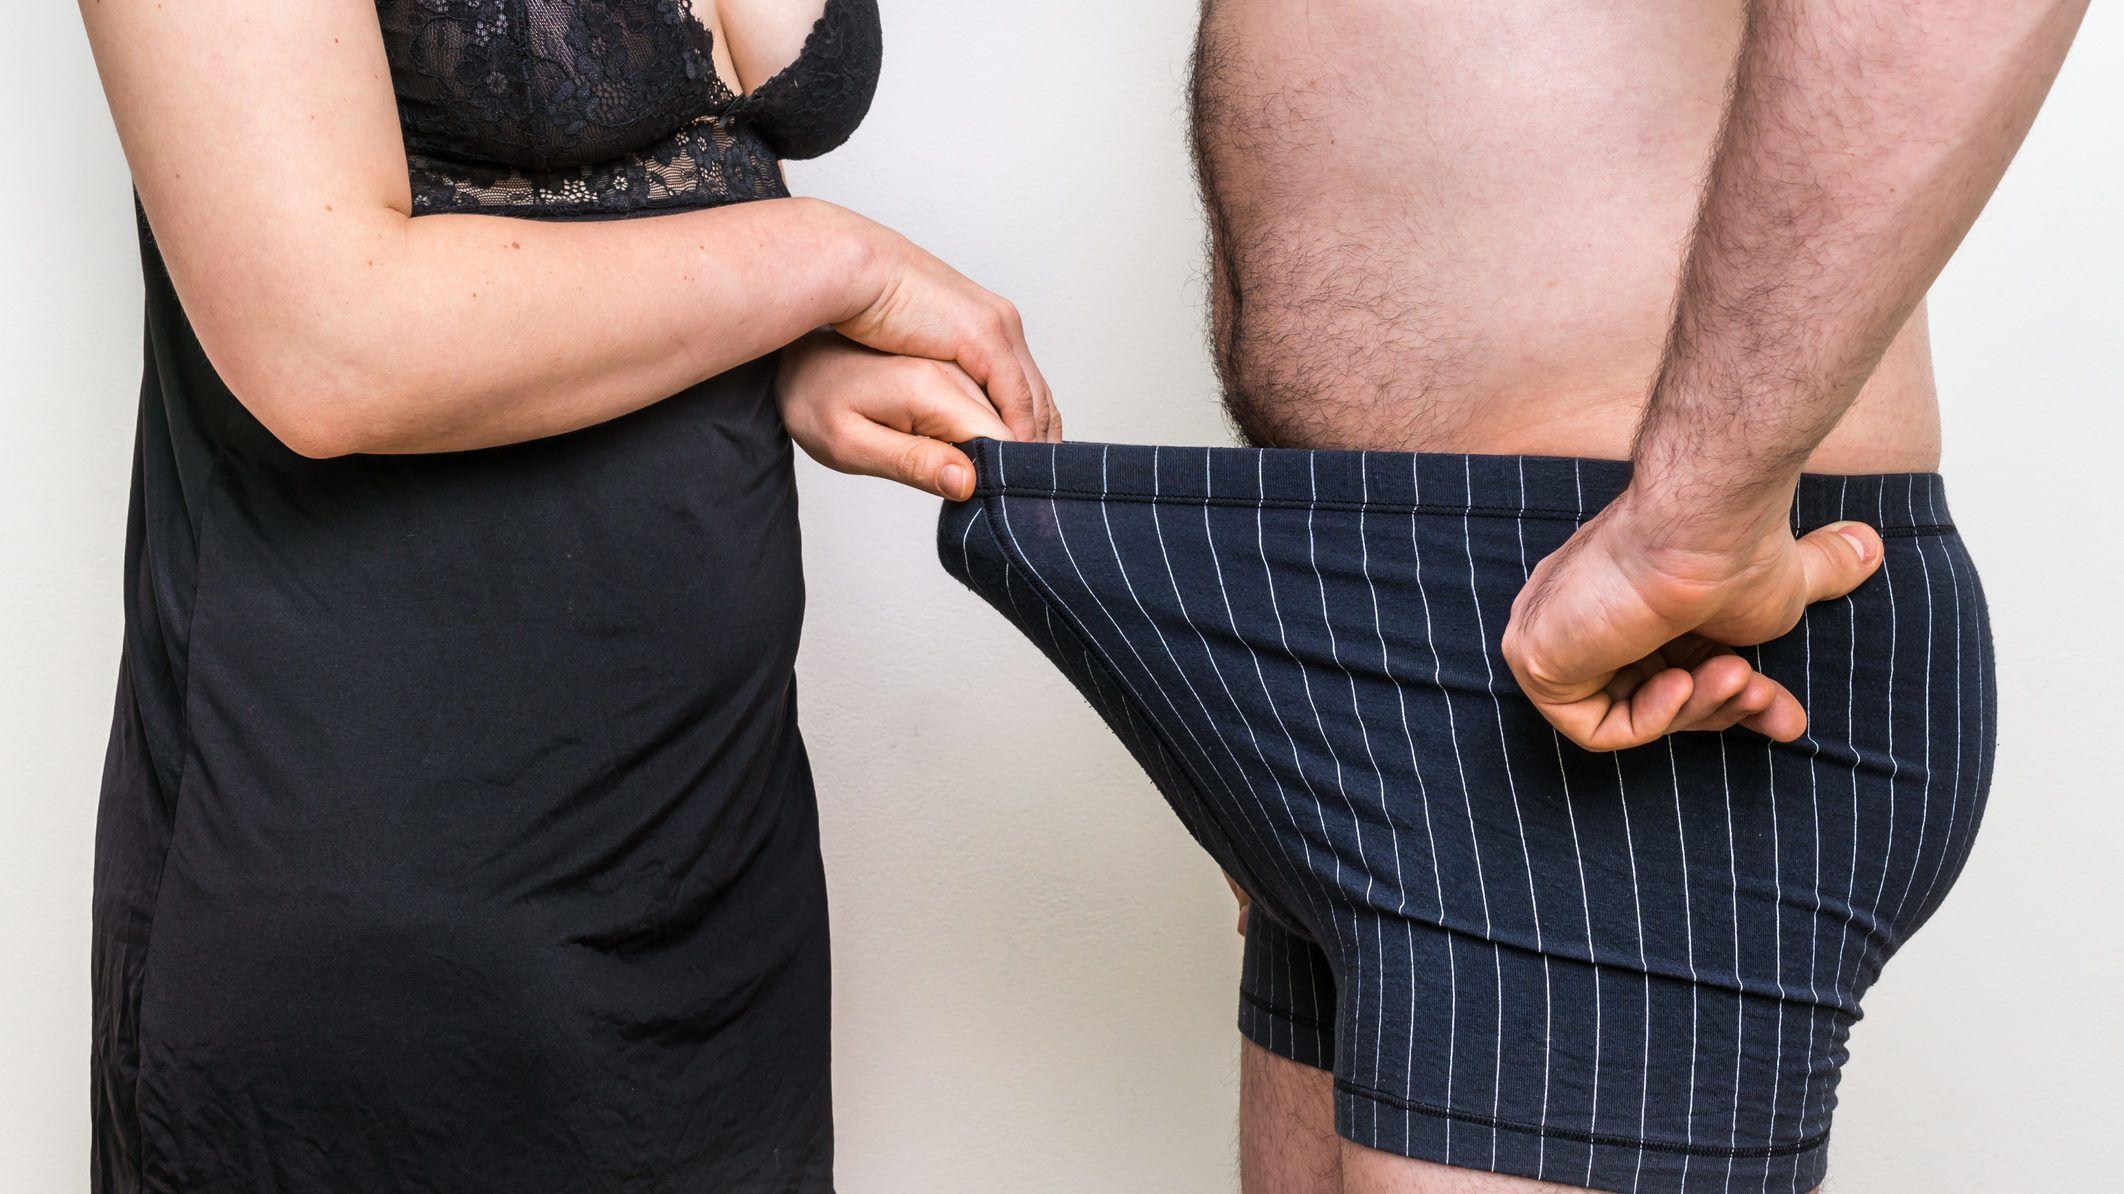 miért zsugorodik a pénisz? a férjének gyenge az erekciója